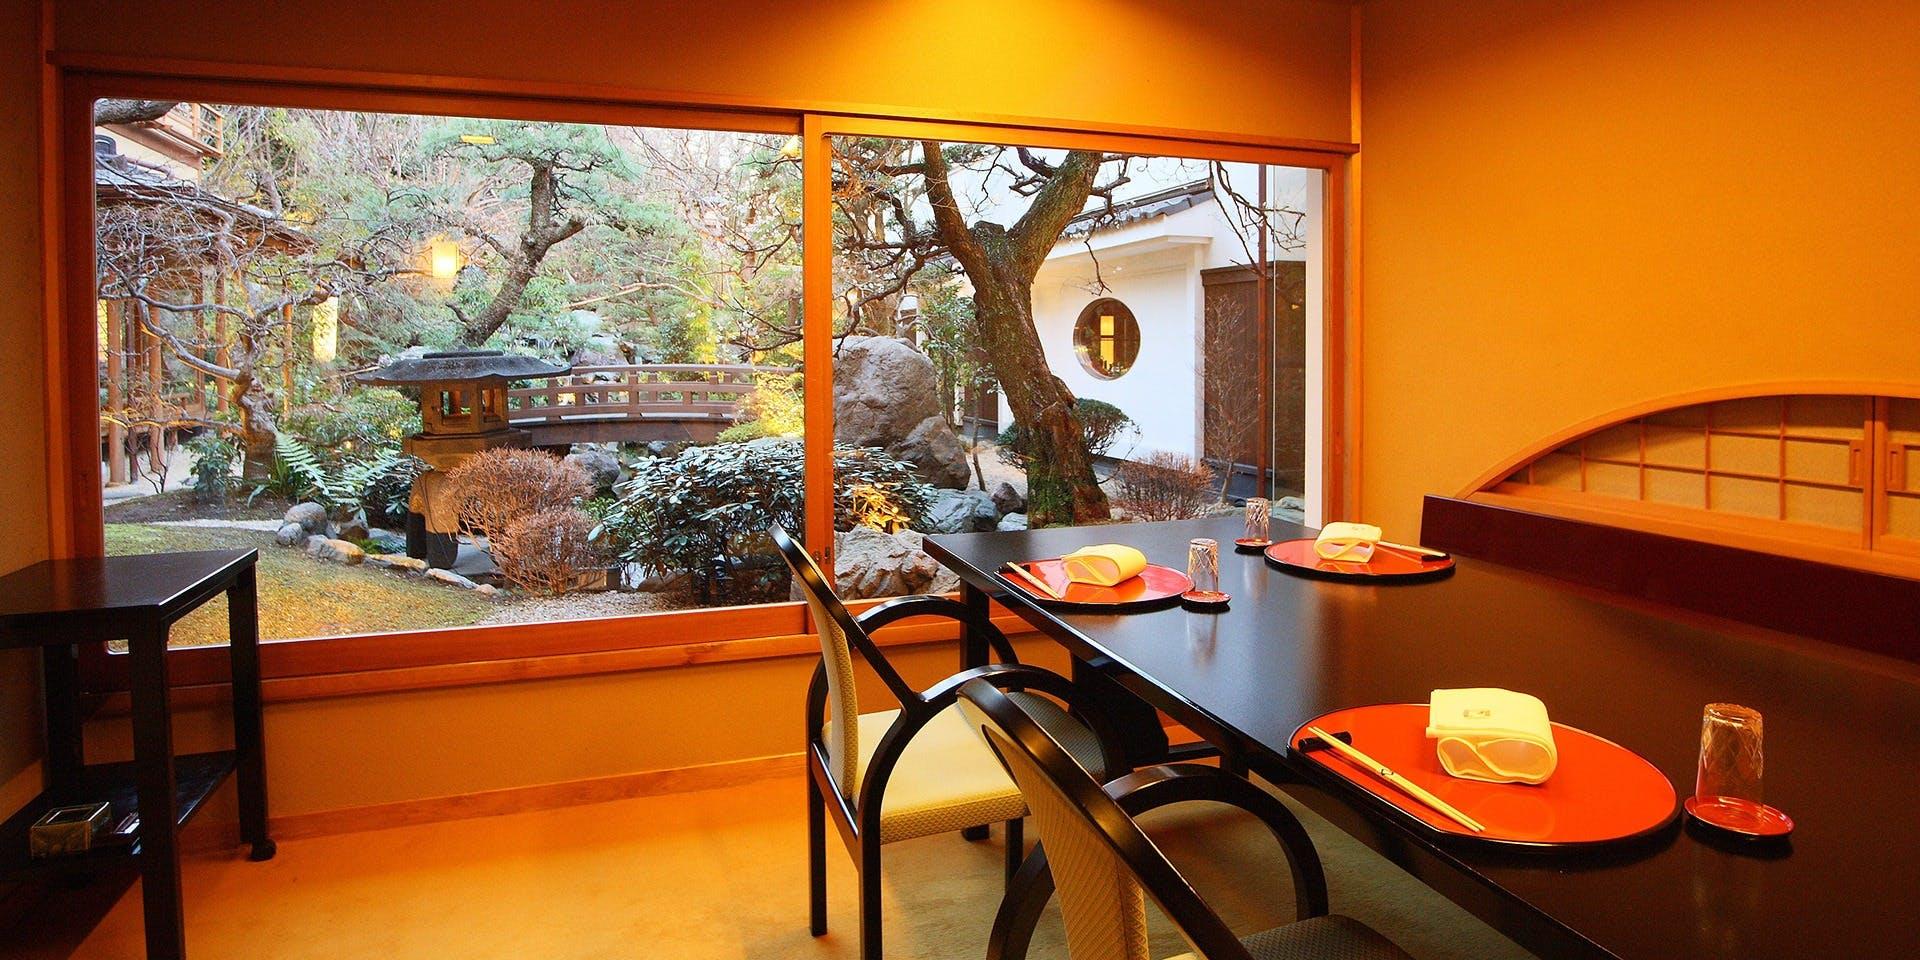 記念日におすすめのレストラン・東京 芝  とうふ屋うかいの写真2